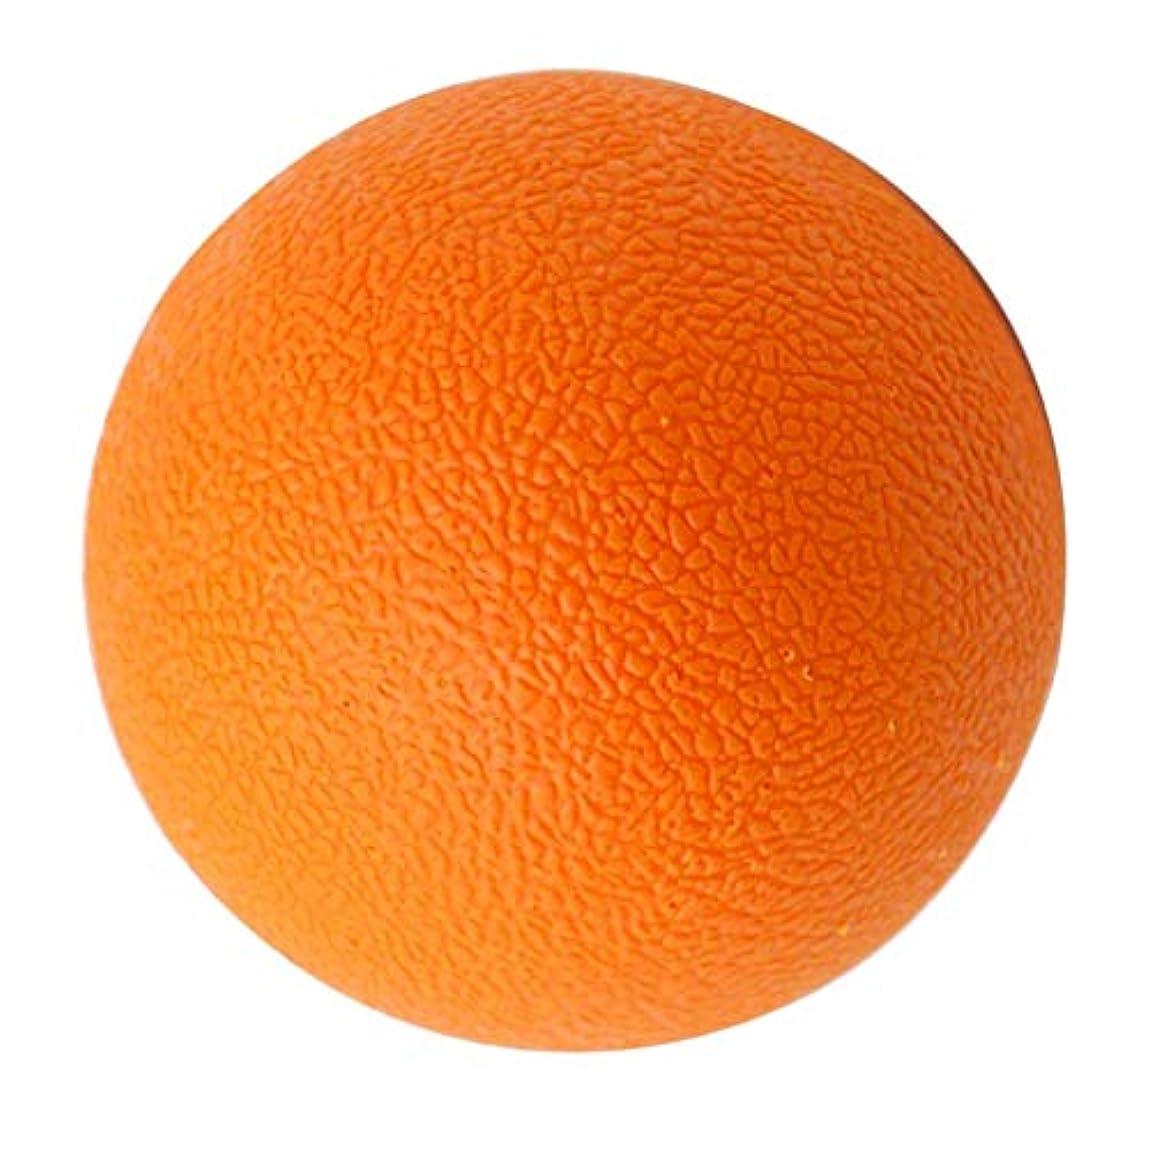 ファンド歩行者伝統ラクロスボール マッサージボール トリガーポイント 筋膜リリース 腕、首、背中 解消 オレンジ